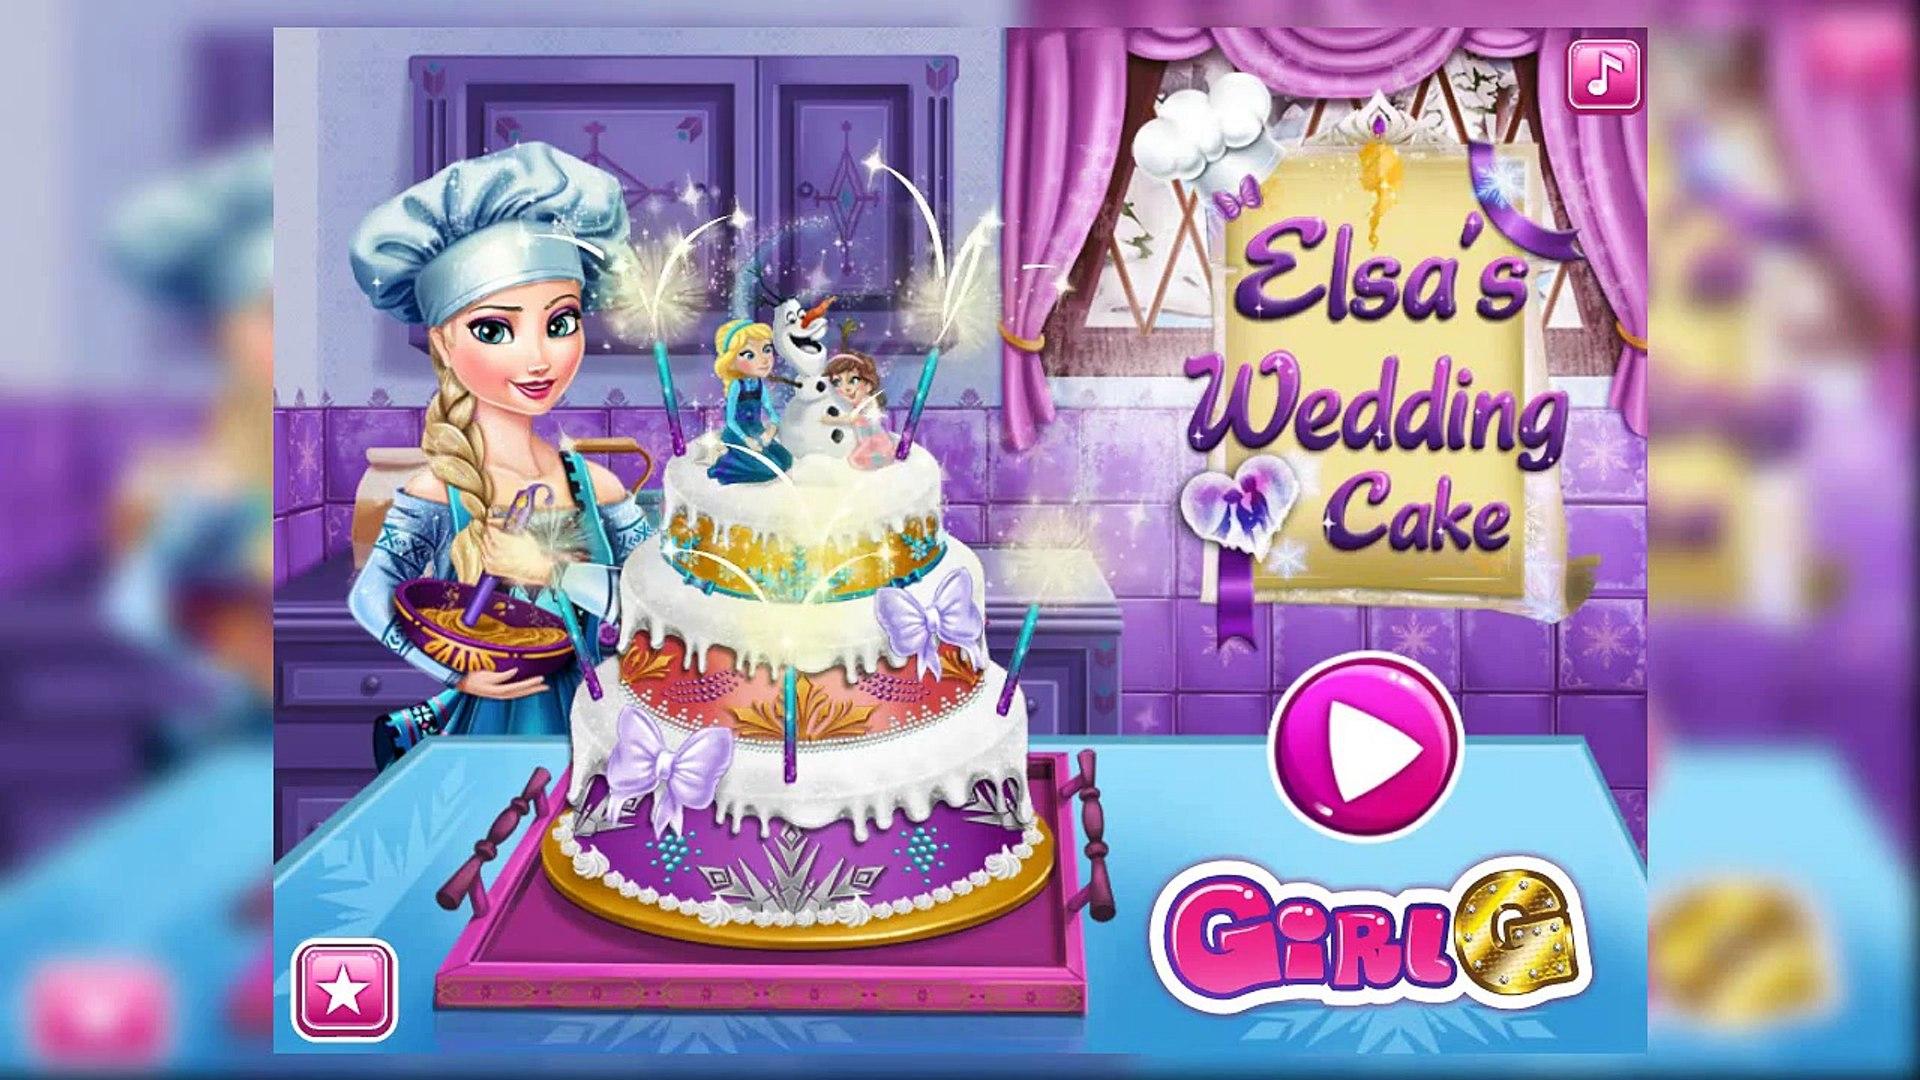 Кекс мультфильм дисней Эльзы для замороженные игра к к к к к к кино Принцесса свадьба |